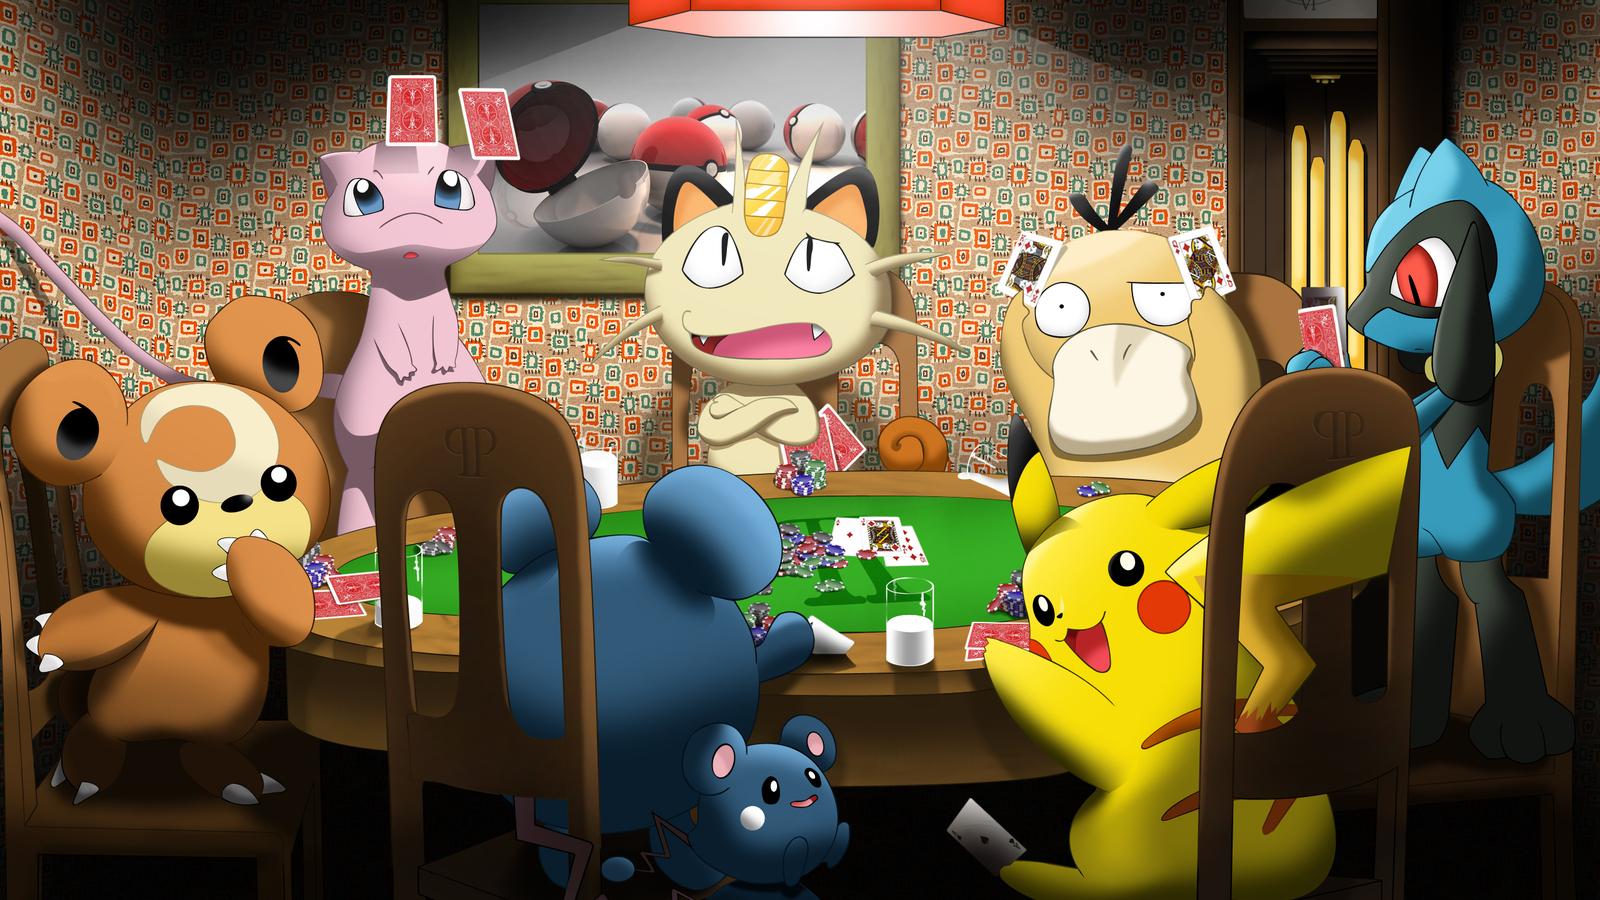 Pokemon HD Wallpaper 1600x900